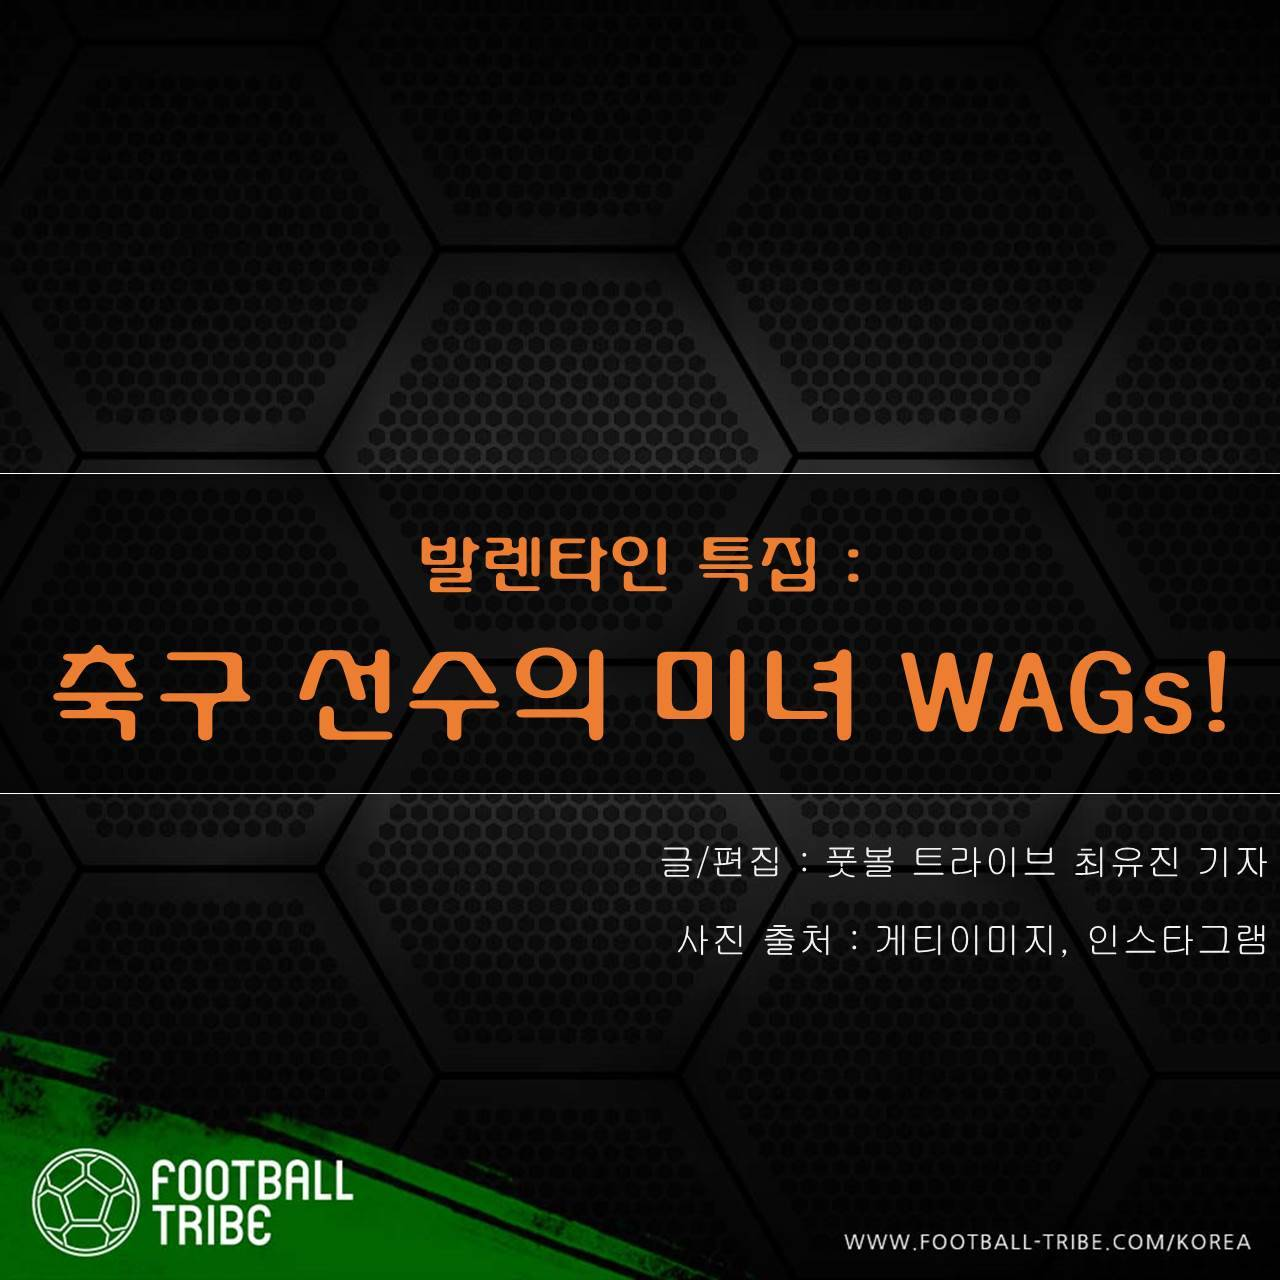 [발렌타인데이 특집] 축구 선수의 미녀 WAGs!